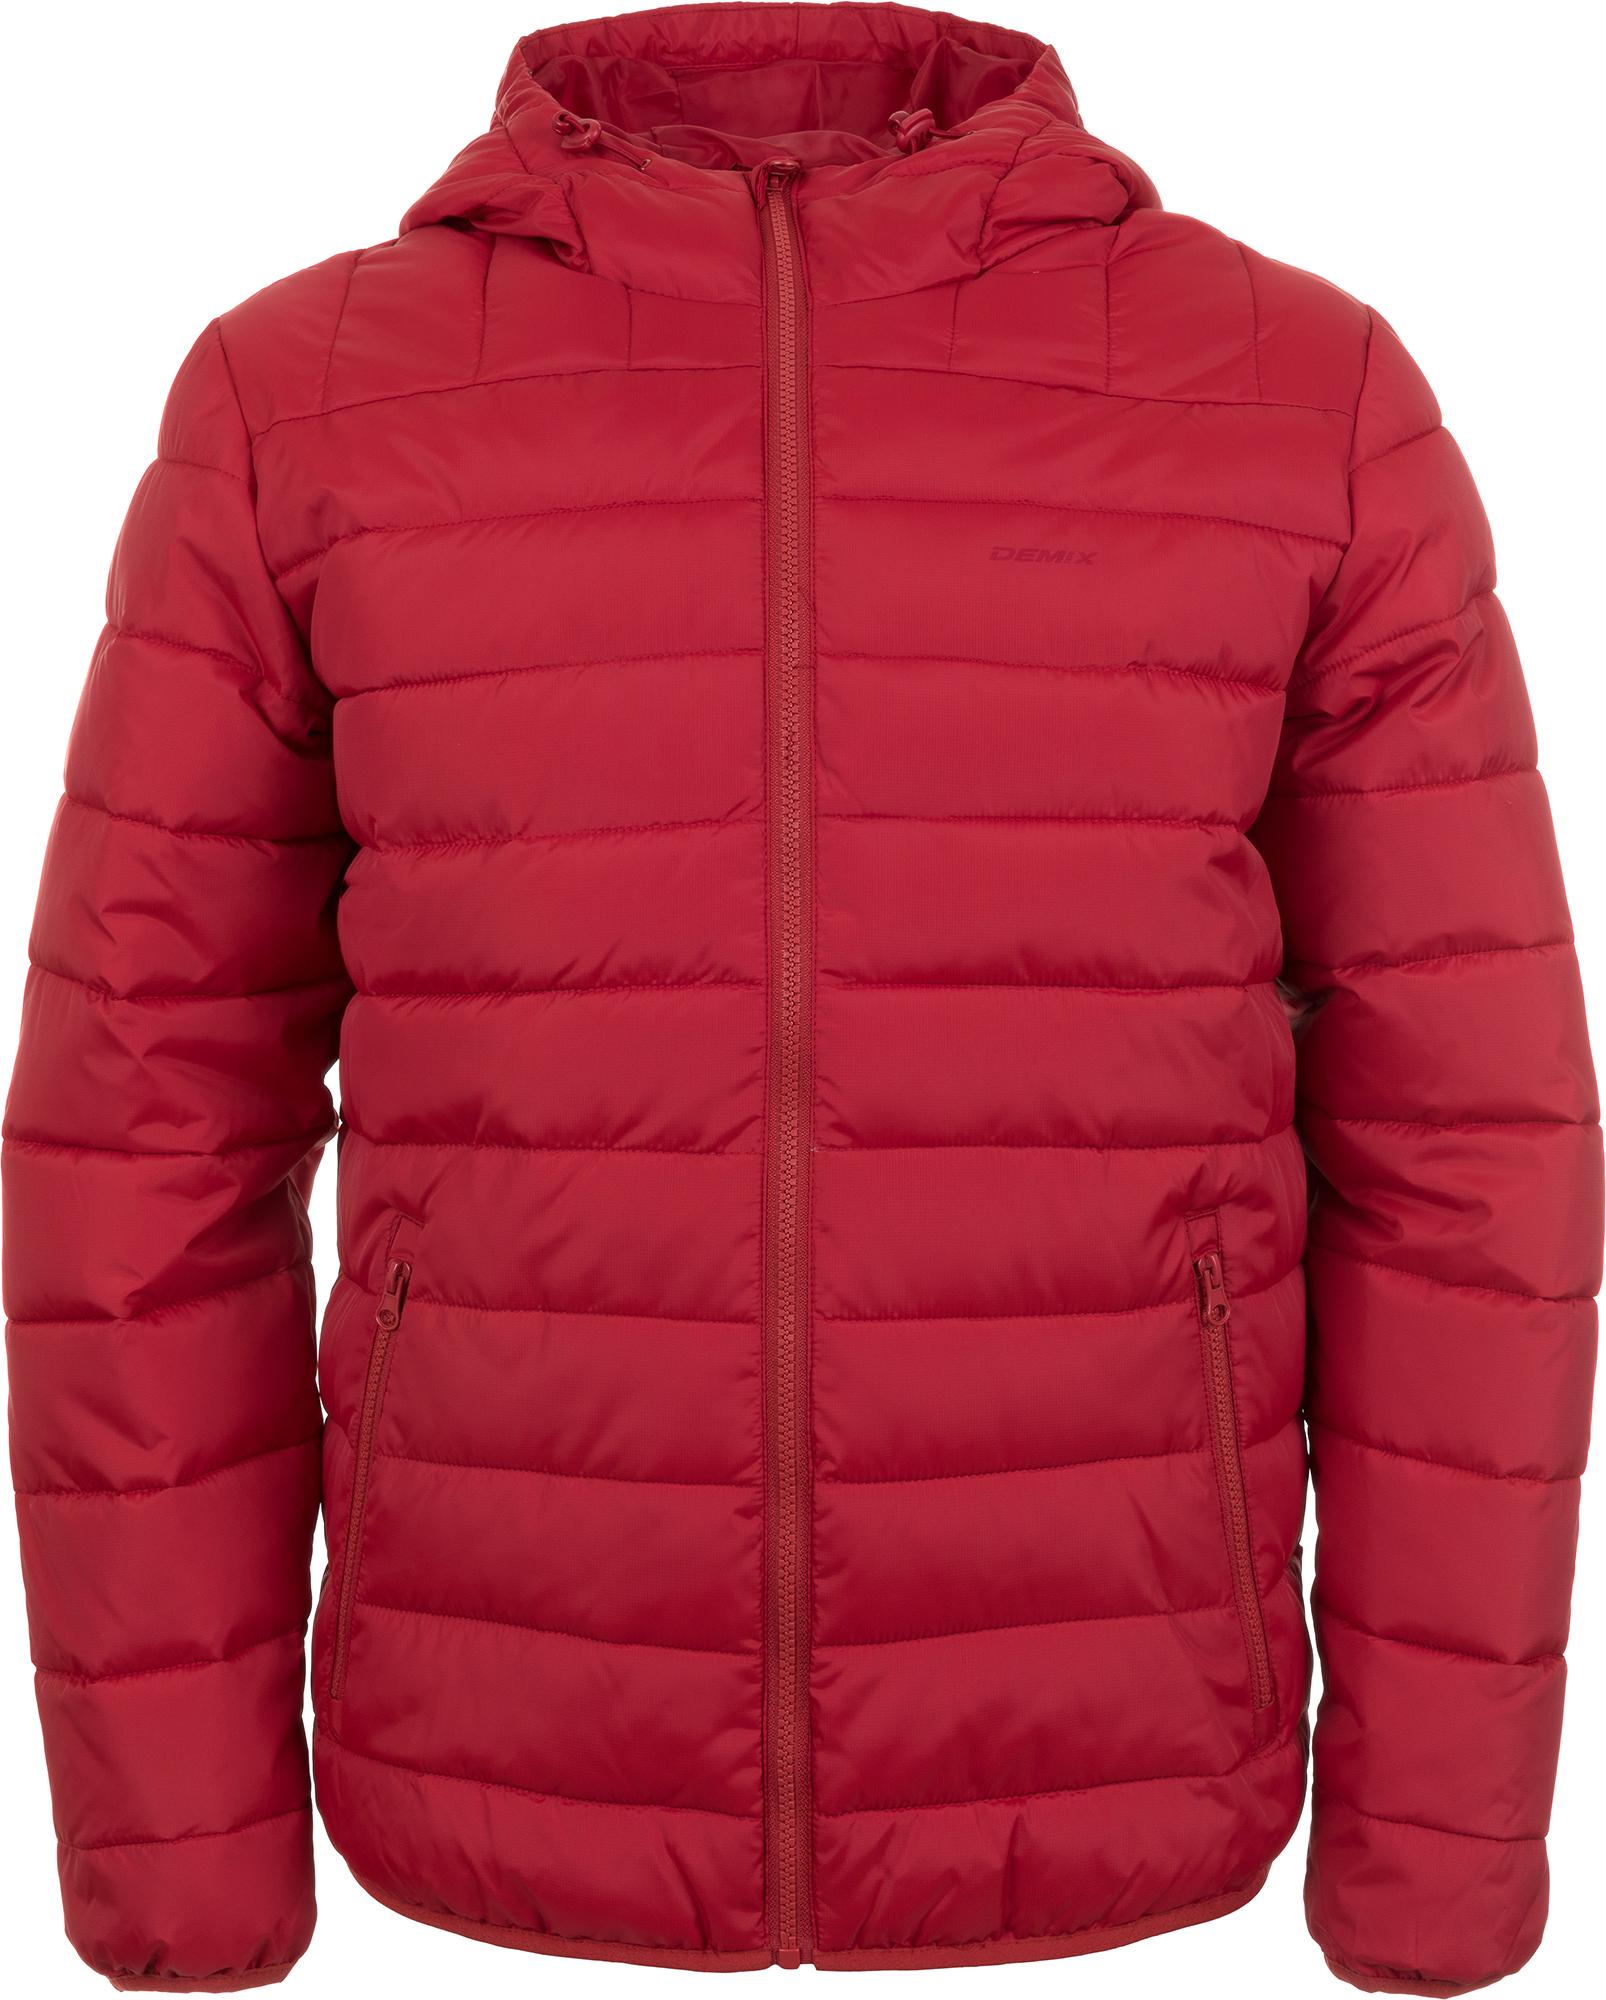 Demix Куртка утепленная мужская Demix, размер 52-54 цены онлайн